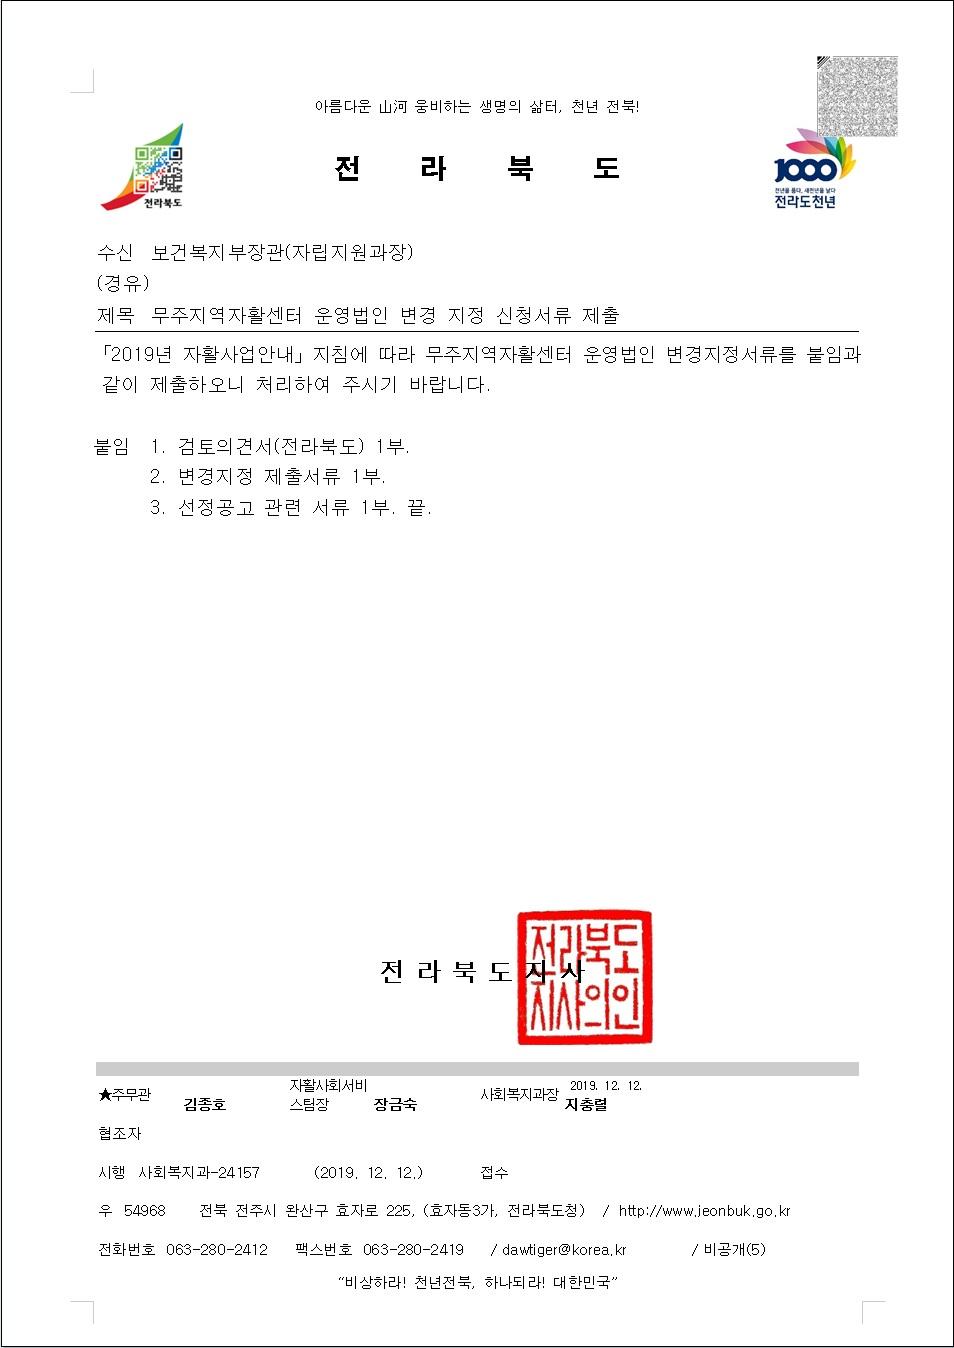 20.2.3_웹뉴스레터_무주지역자활센터3.jpg